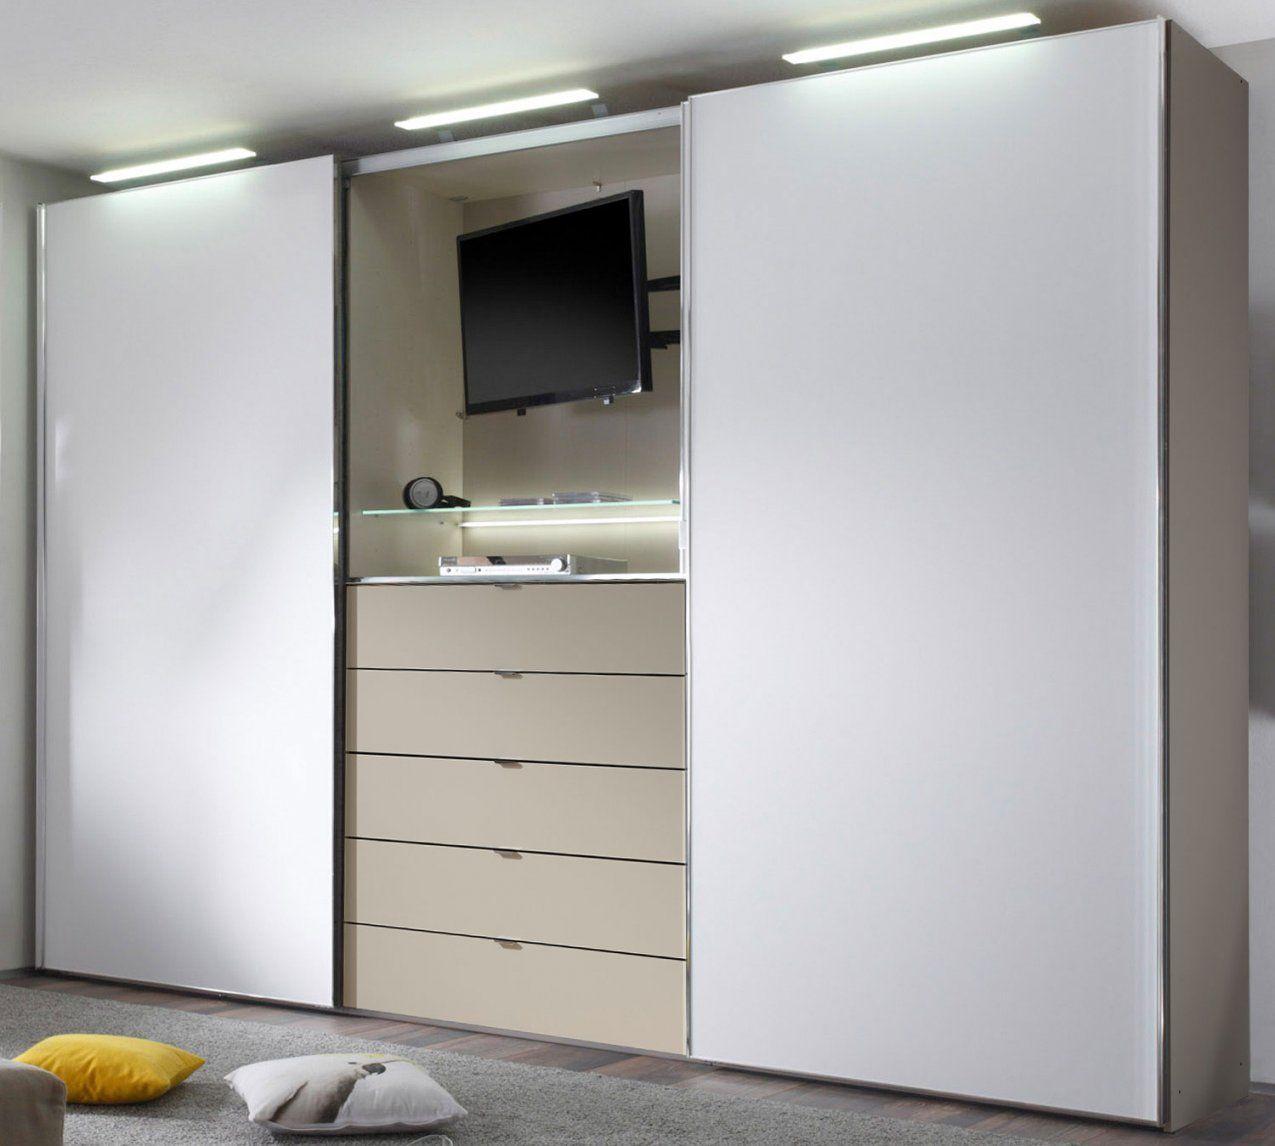 Staud Media Light Kleiderschrank Mit Tv Fach Viele Farben  Möbelmeile24 von Kleiderschrank Mit Tv Aussparung Bild